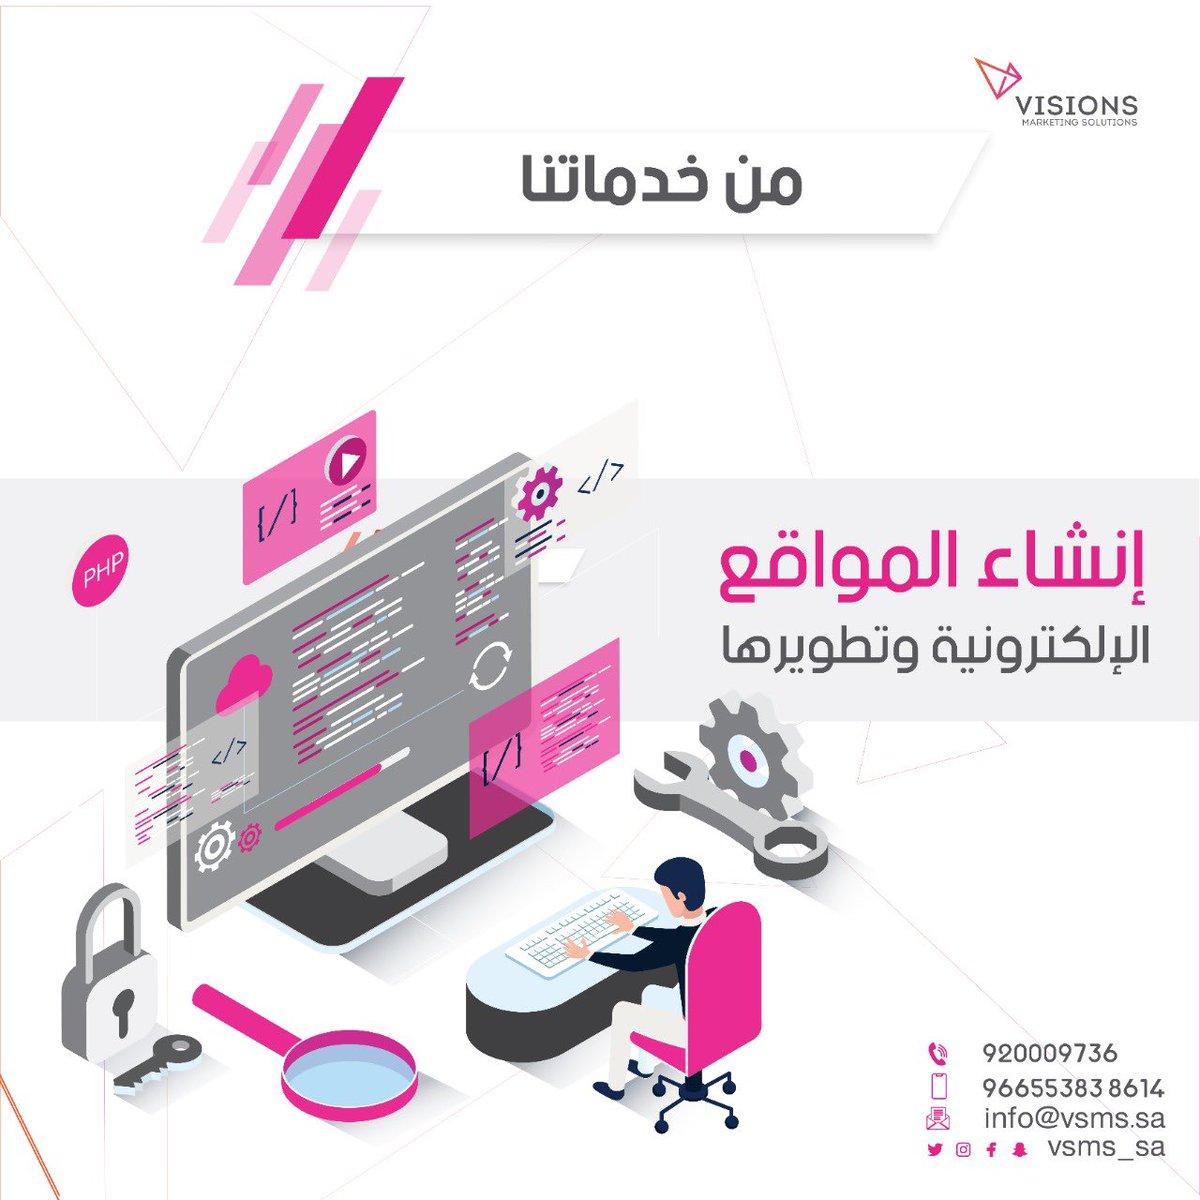 من خدماتنا   انشاء مواقعك الالكترونيه وتطويرها   #visions #تسويق_الكتروني  #التجارة_الالكترونية https://t.co/G92Zv66bfX